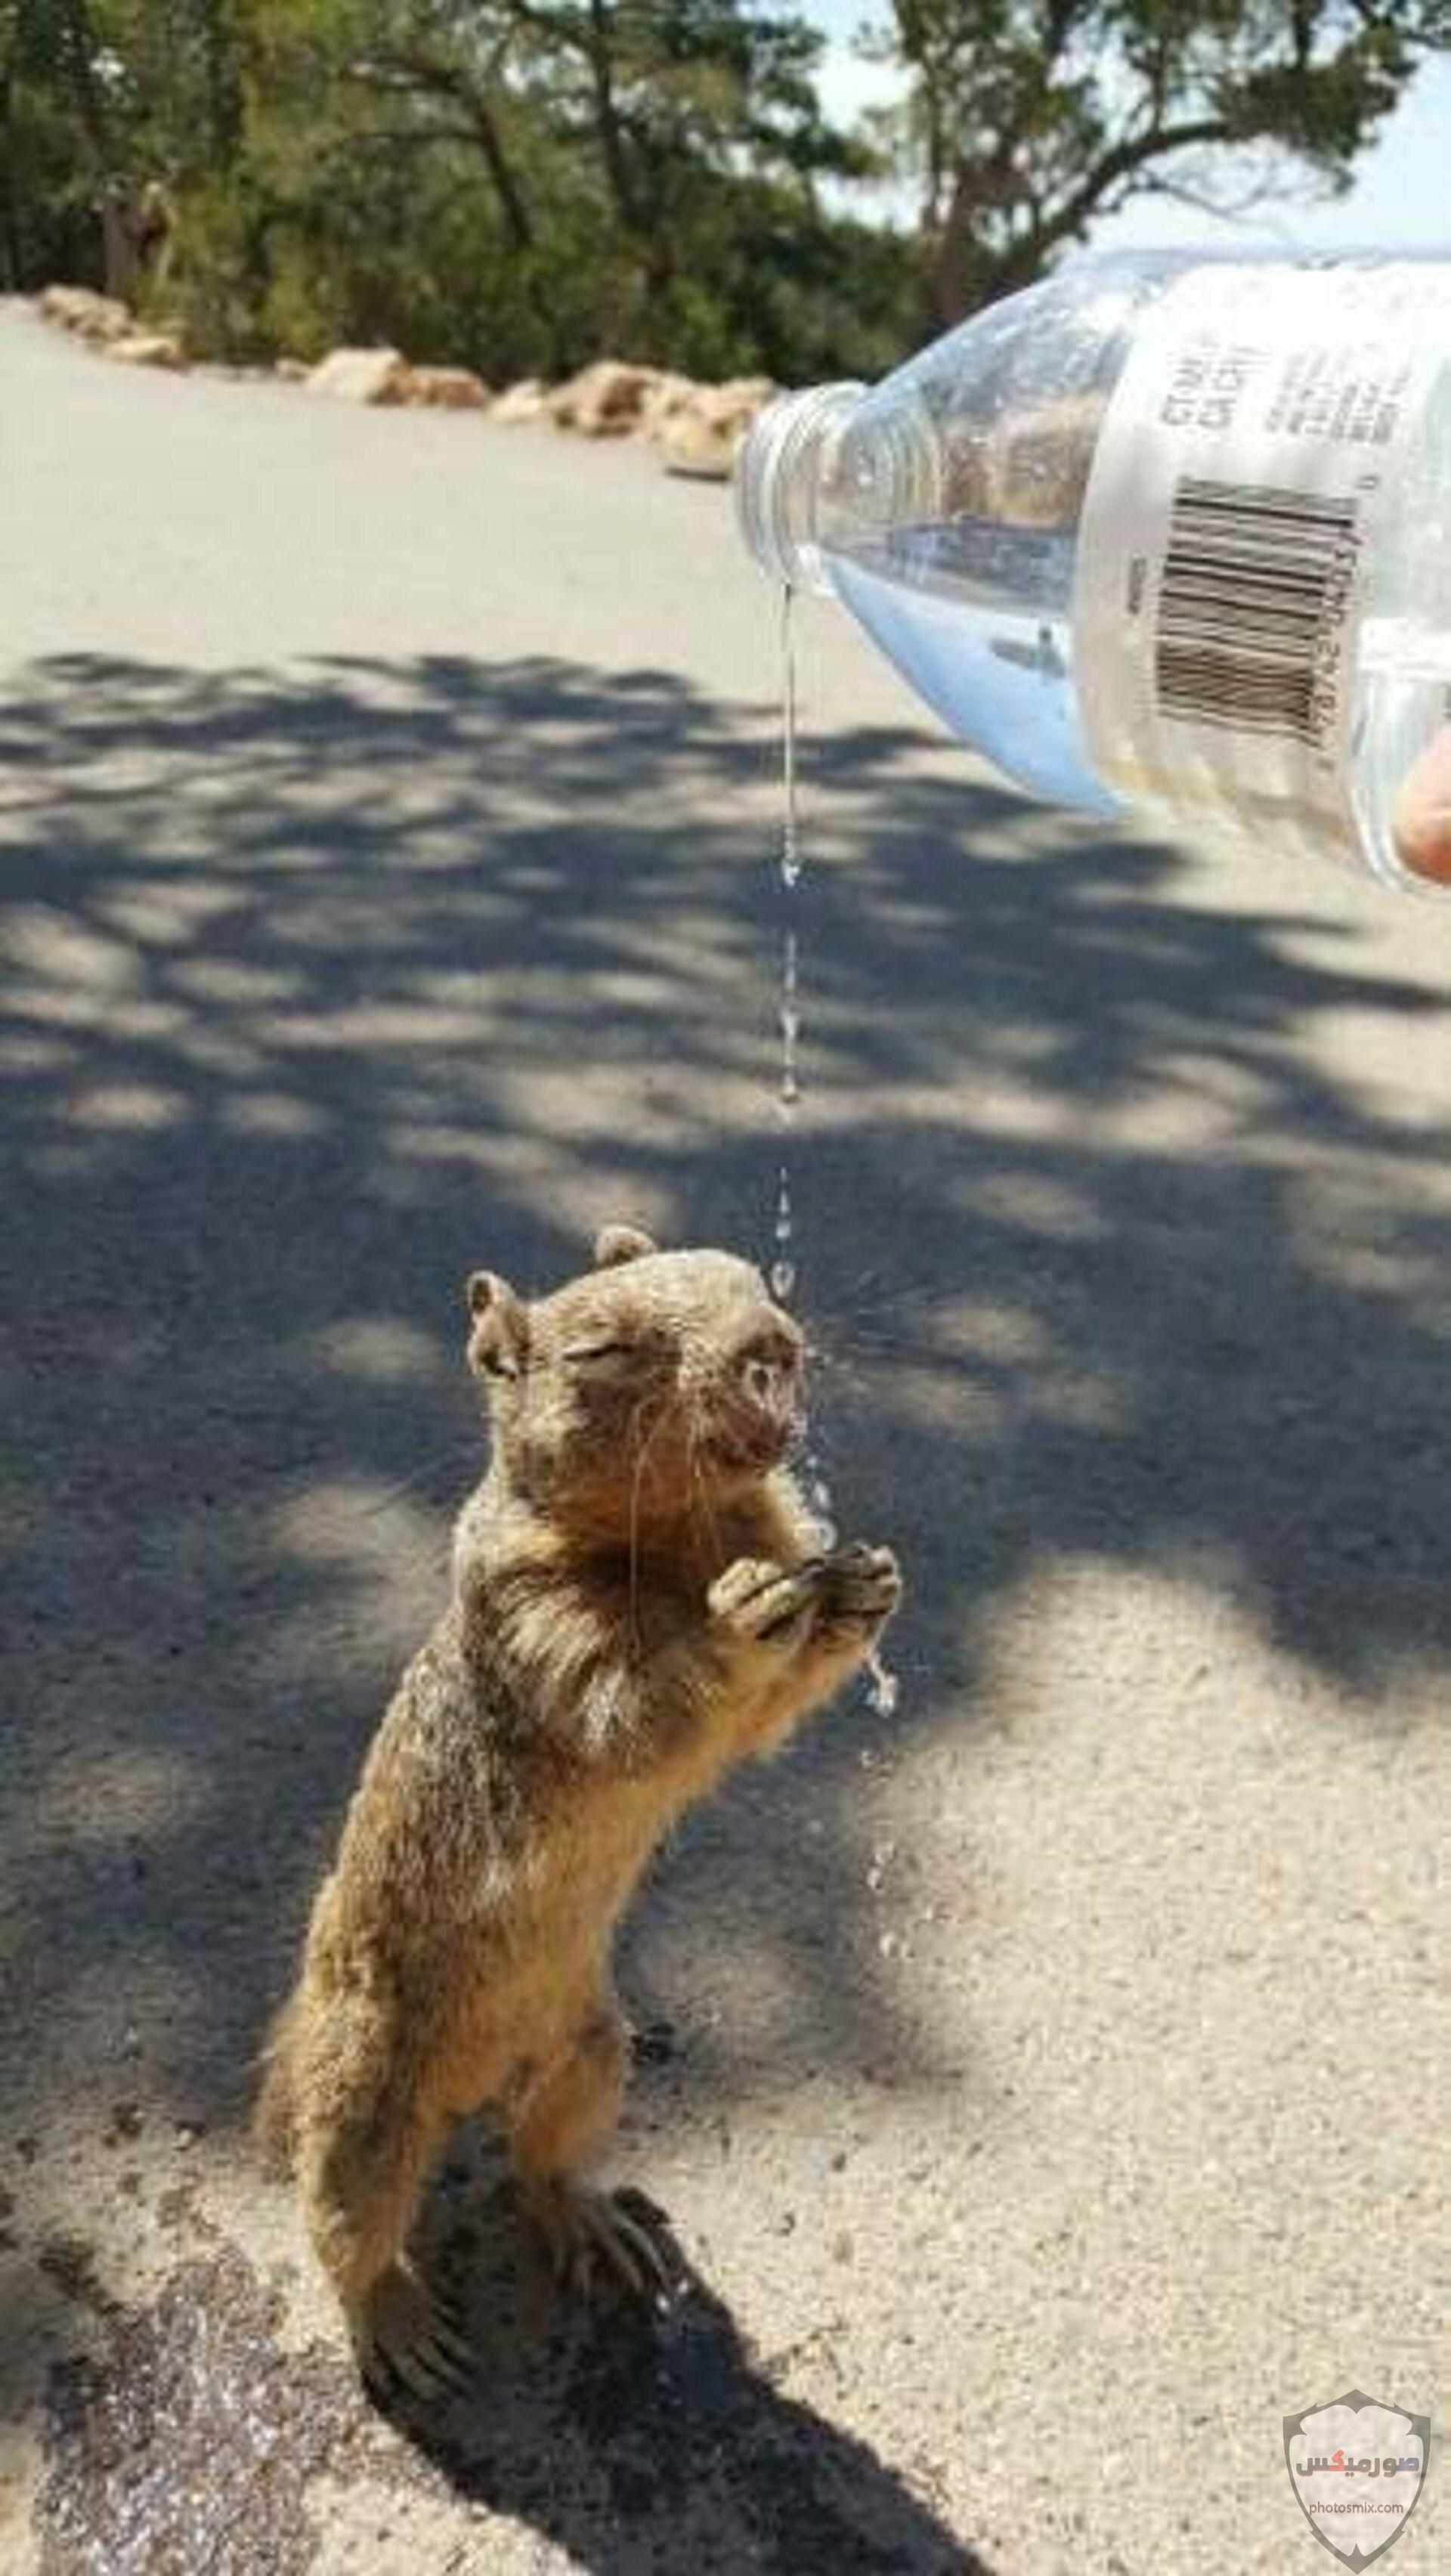 صور حيوانات مضحكة فيديوهات حيوانات مضحكة جدا 2020 29